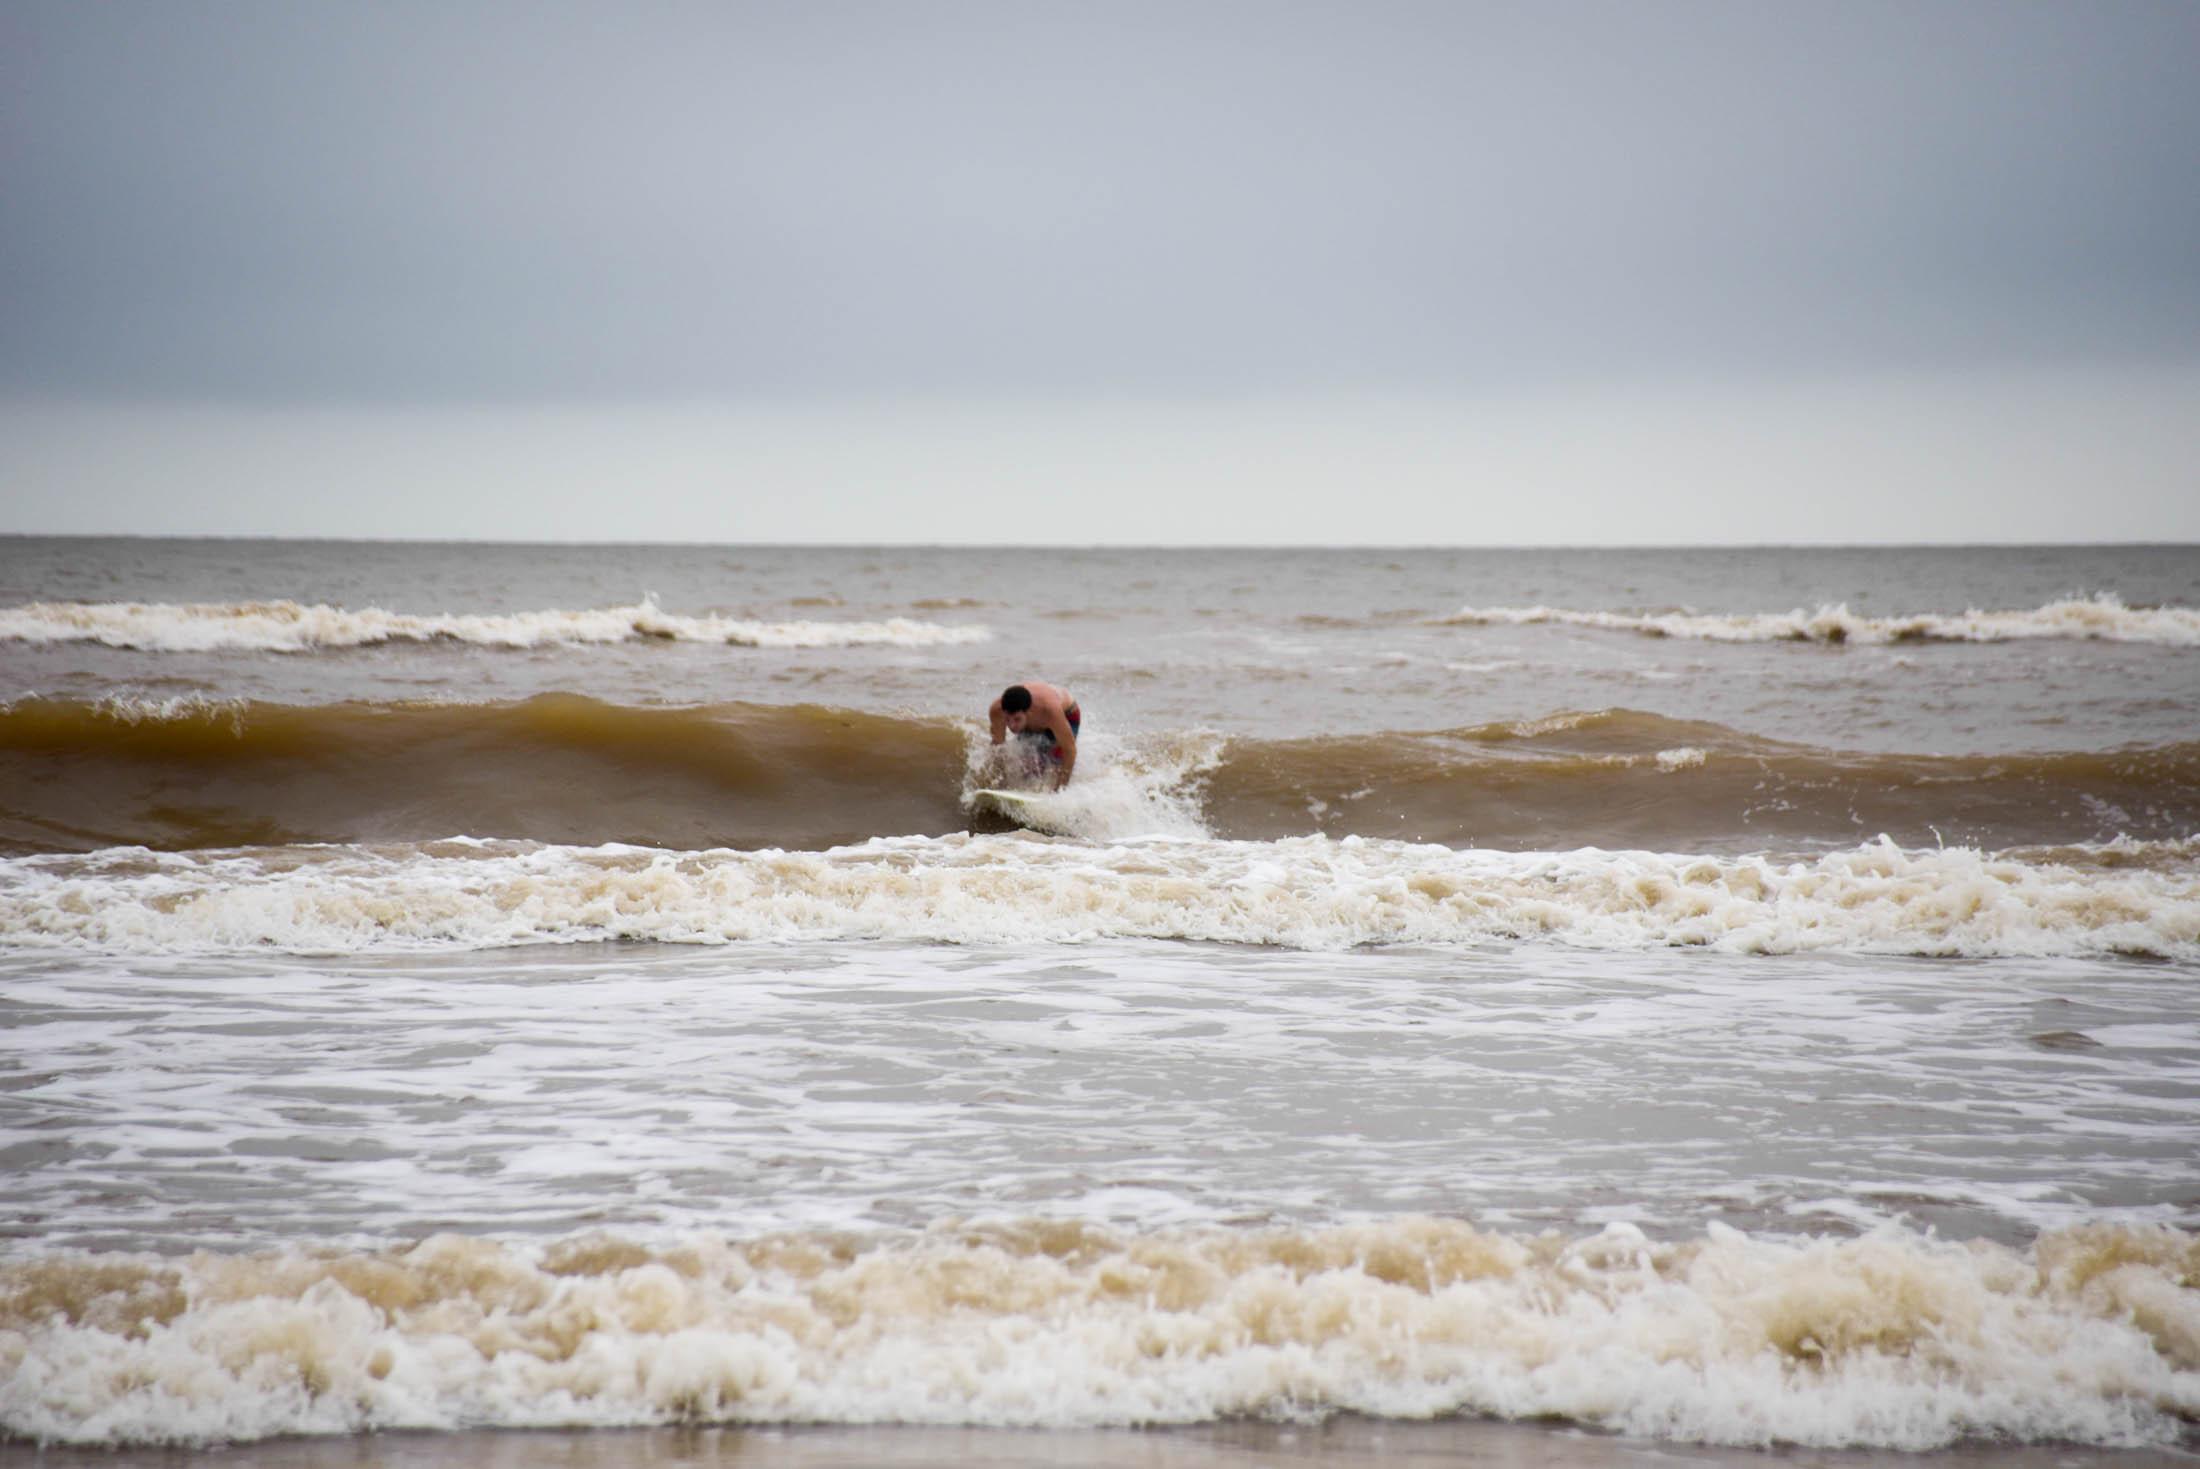 matagorda-surfing-may-7